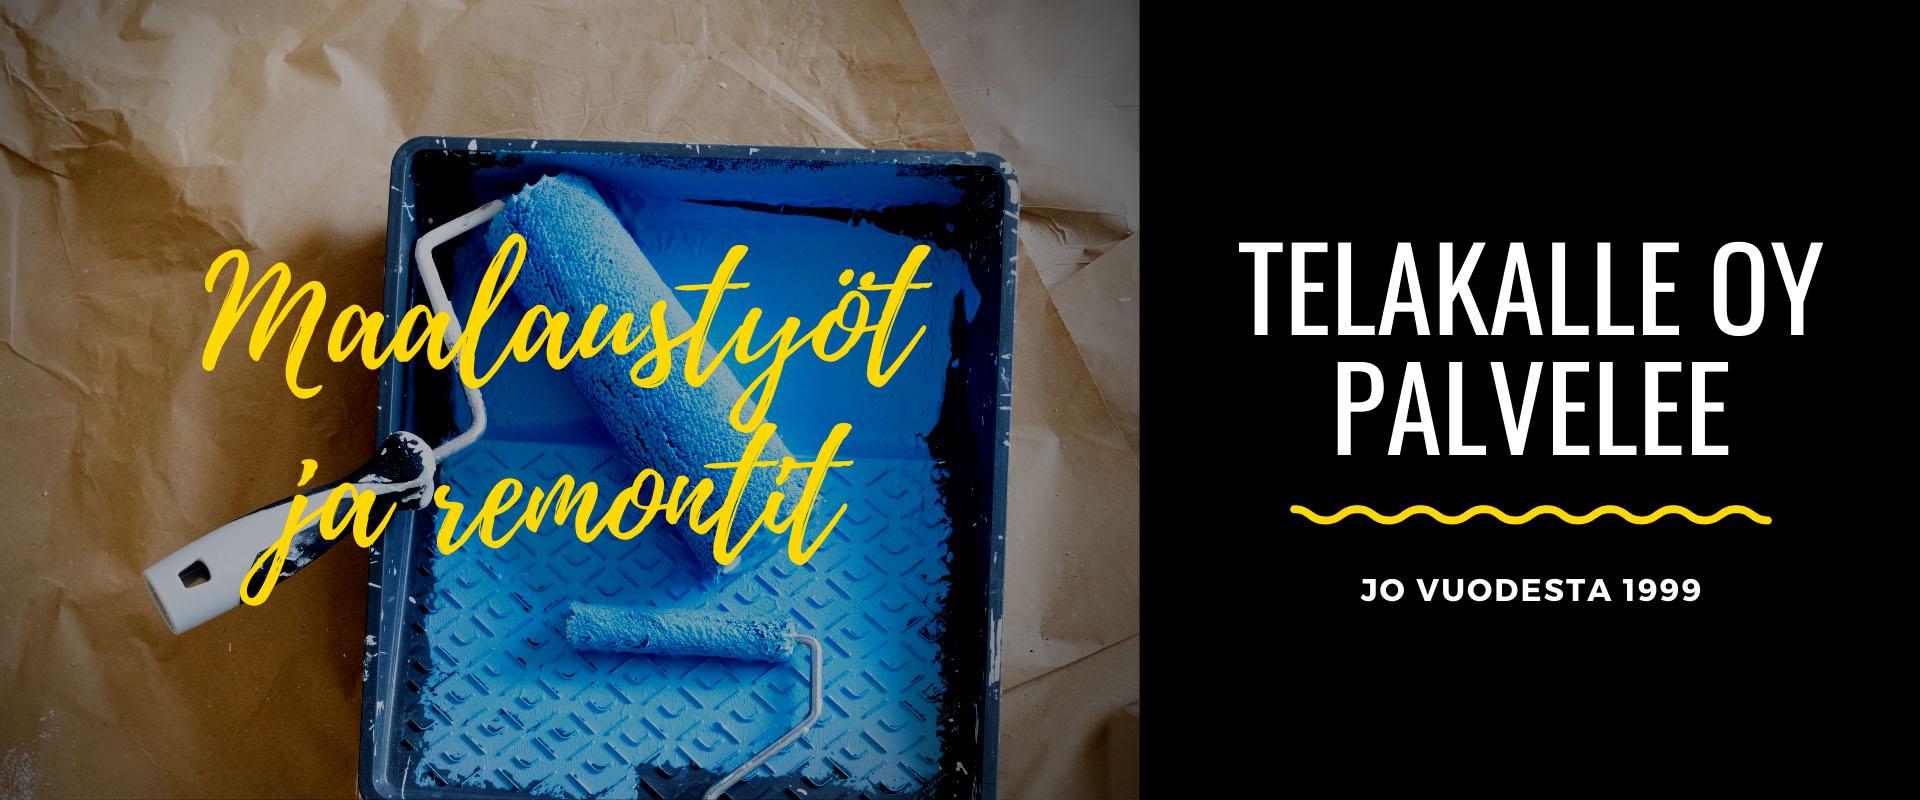 Maalaustyöt ja tapetointiremontit Tampereella • TelaKalle Oy